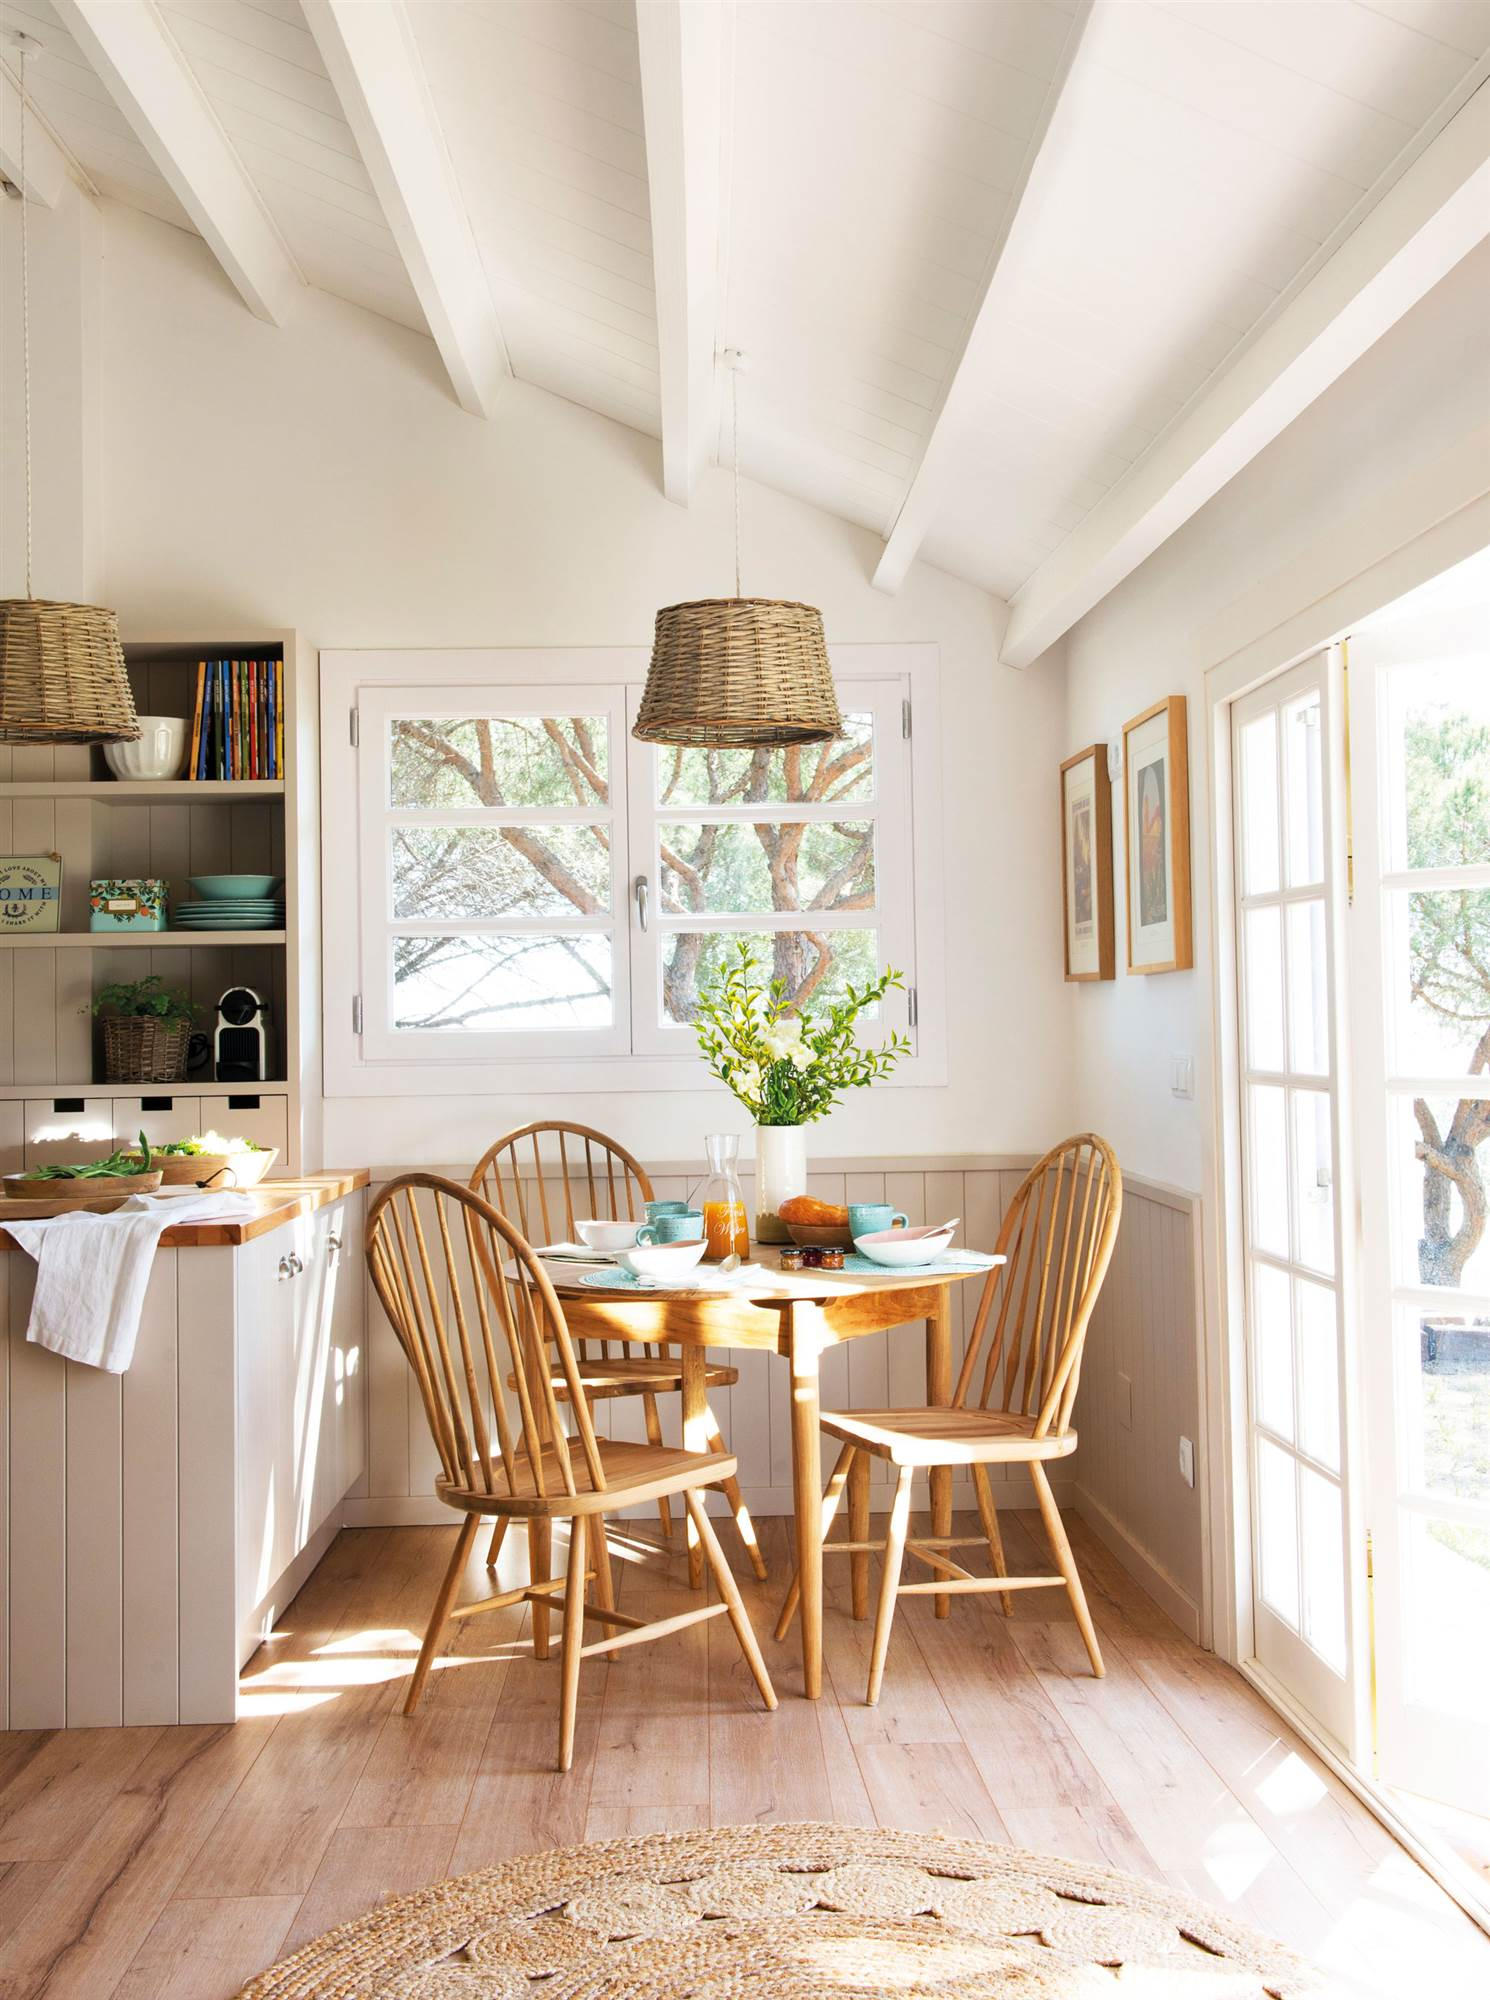 Office Decoraci N Del Office En Cocinas El Mueble # Niza Muebles Y Objetos